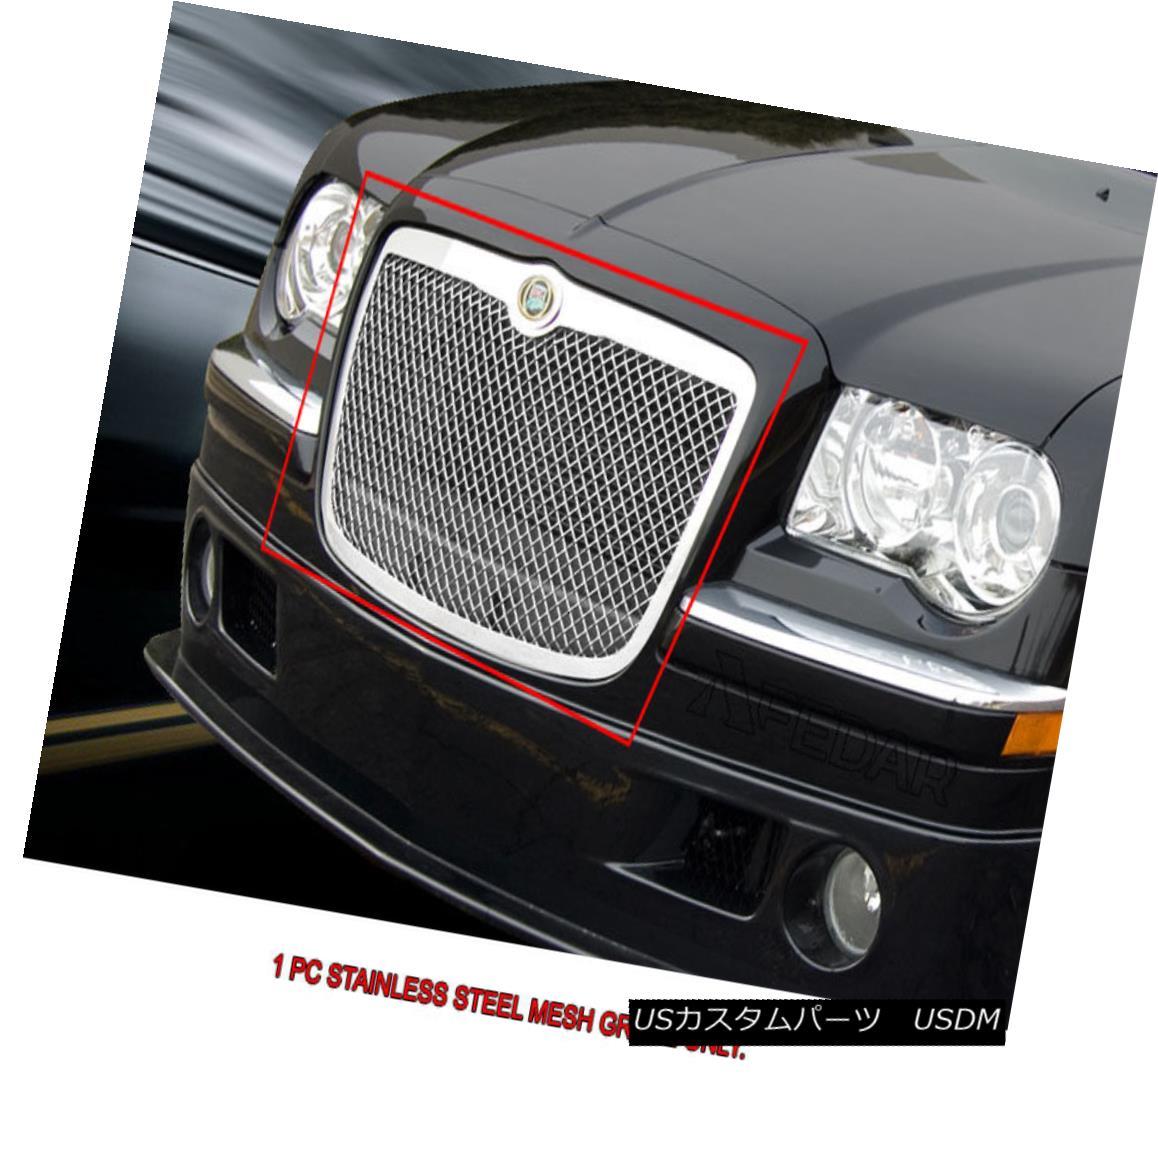 グリル 05-10 Chrysler 300/300C Stainless Steel Mesh Grille Upper Insert Fedar 05-10クライスラー300 / 300Cステンレスメッシュグリルアッパーインサートフェルダ